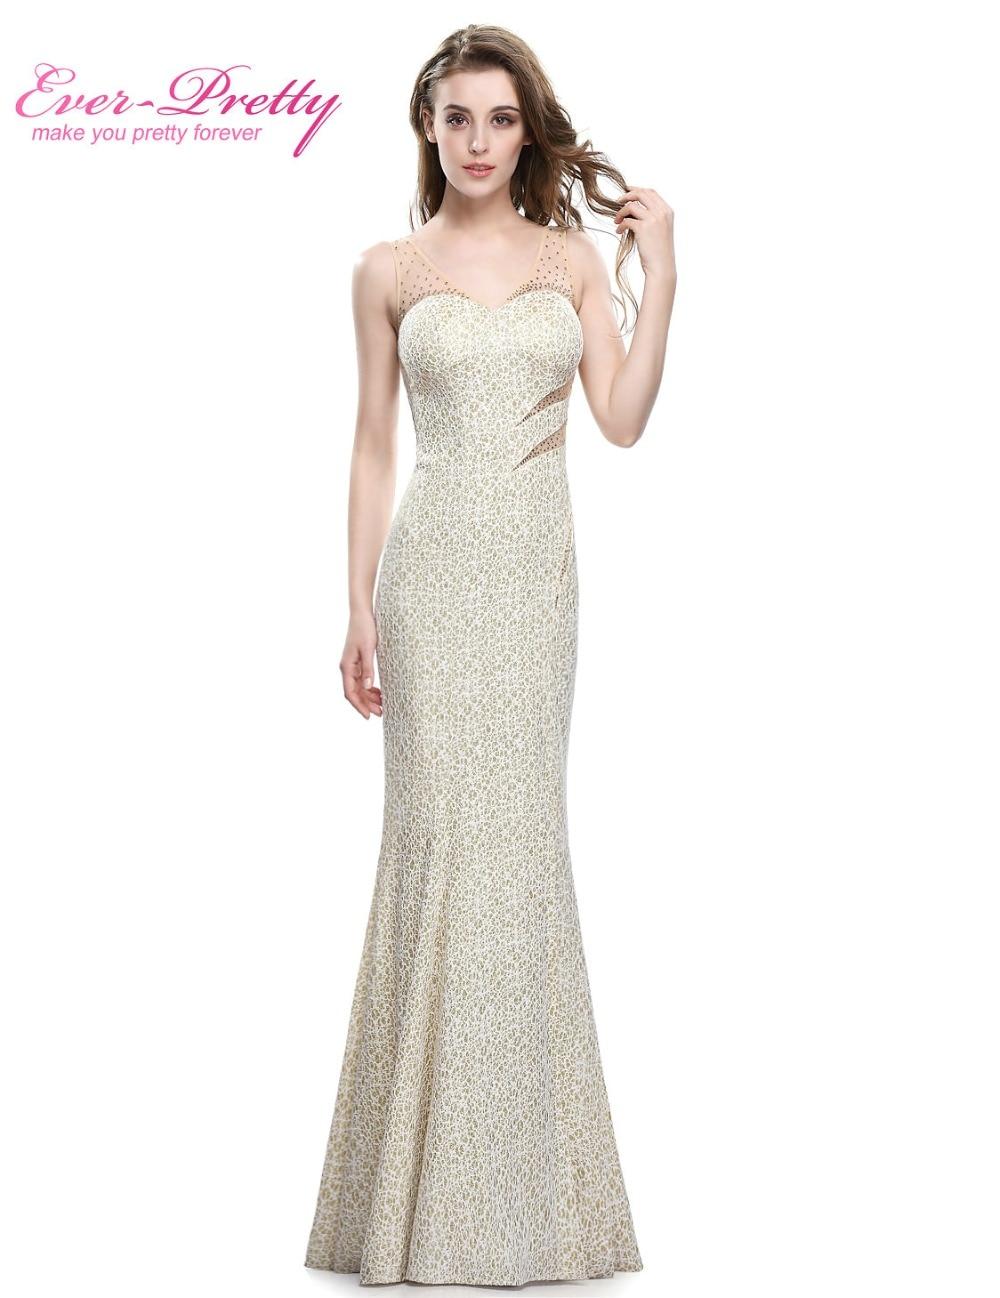 Ungewöhnlich Fallen Kleider Für Eine Hochzeit Bilder - Brautkleider ...